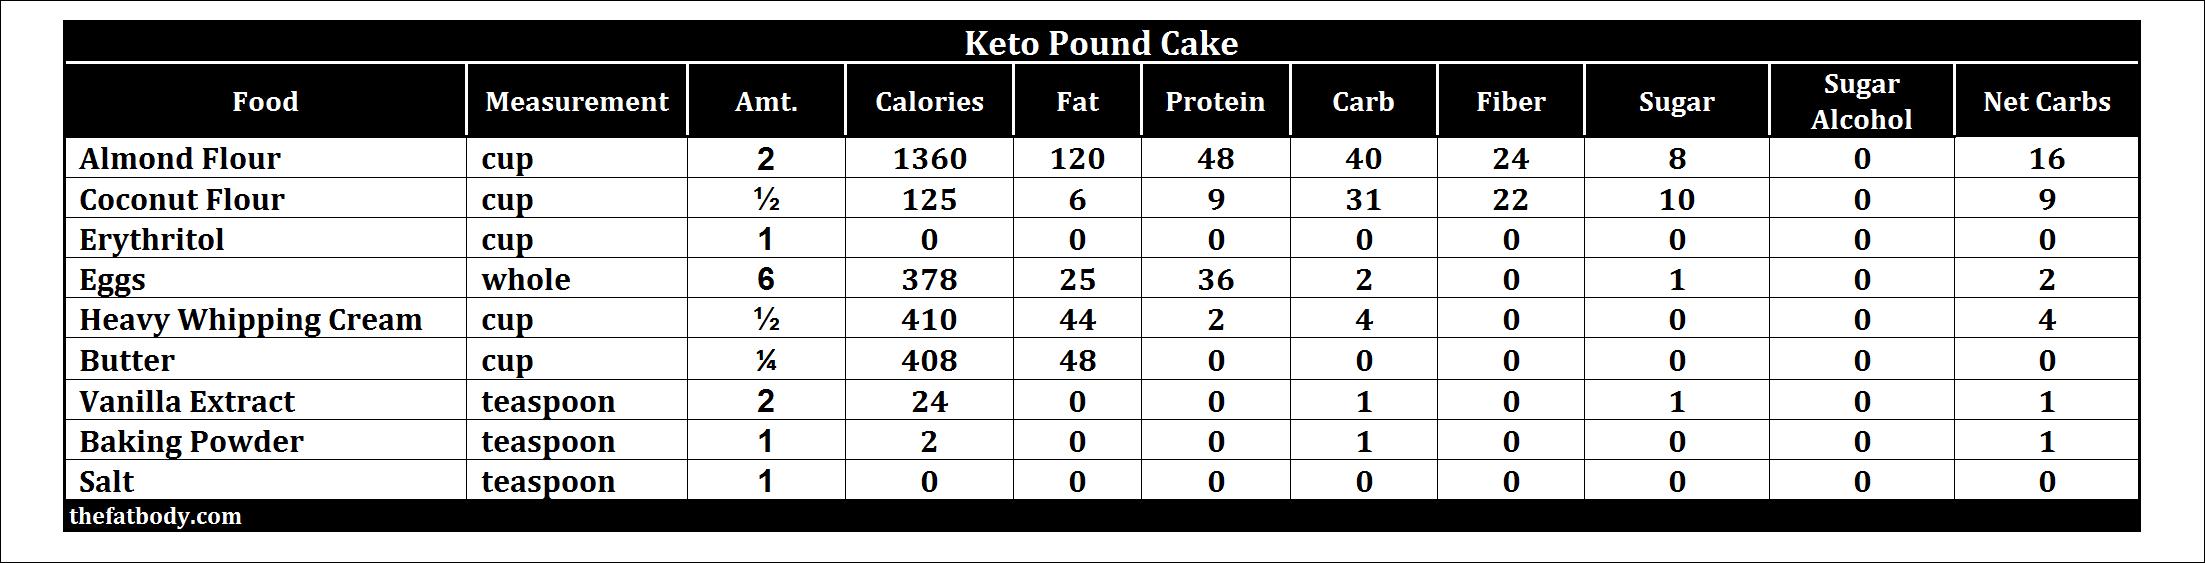 keto-pound-cake-macros